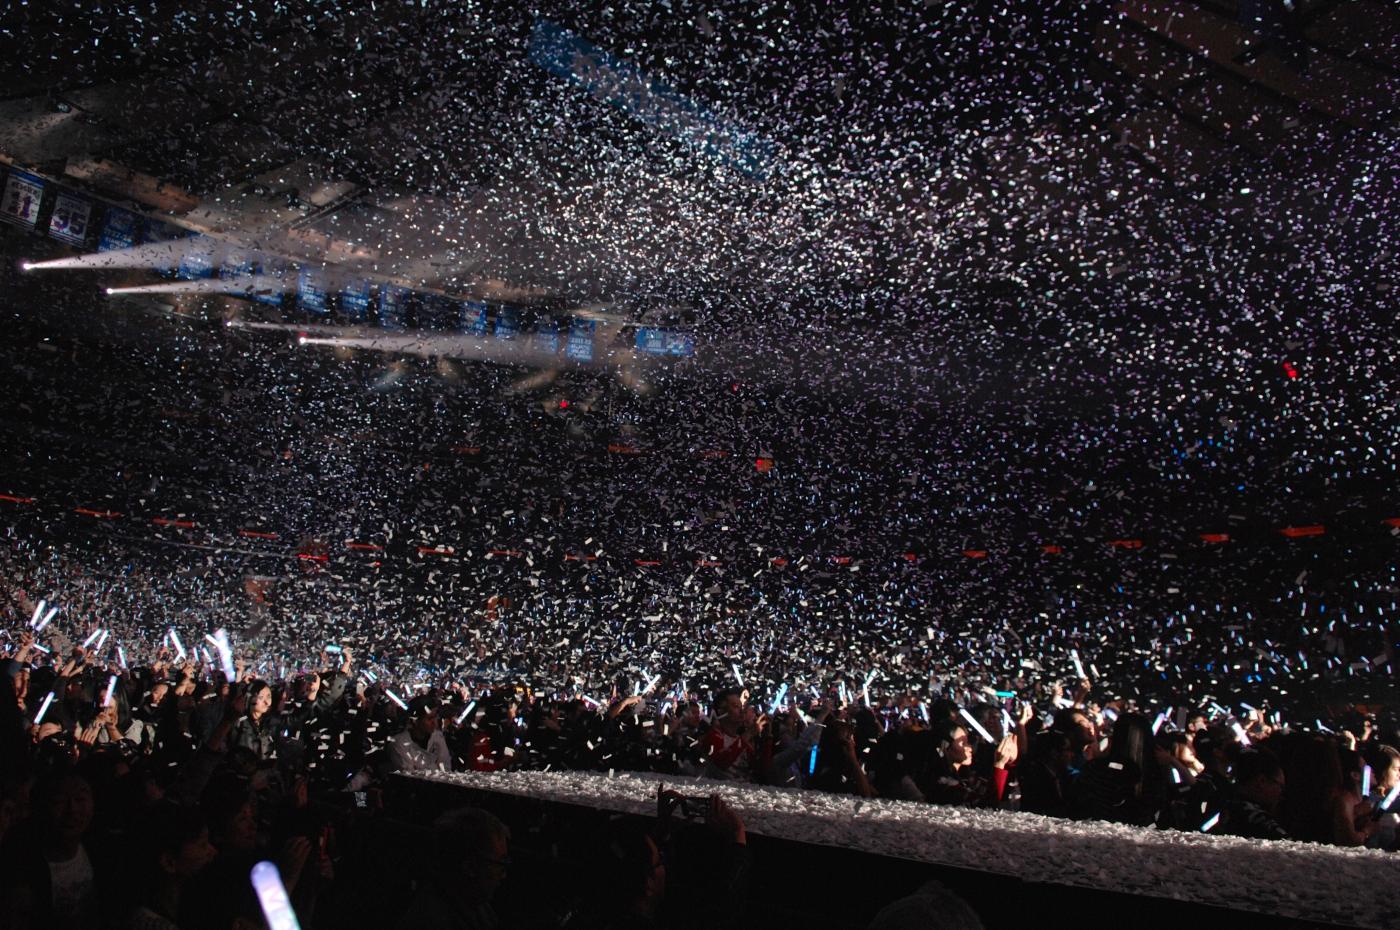 圖博-五月天今晚創造歷史, 引爆麥迪遜花園廣場Madison Square Garden-一萬多歌迷共同 ..._图1-13